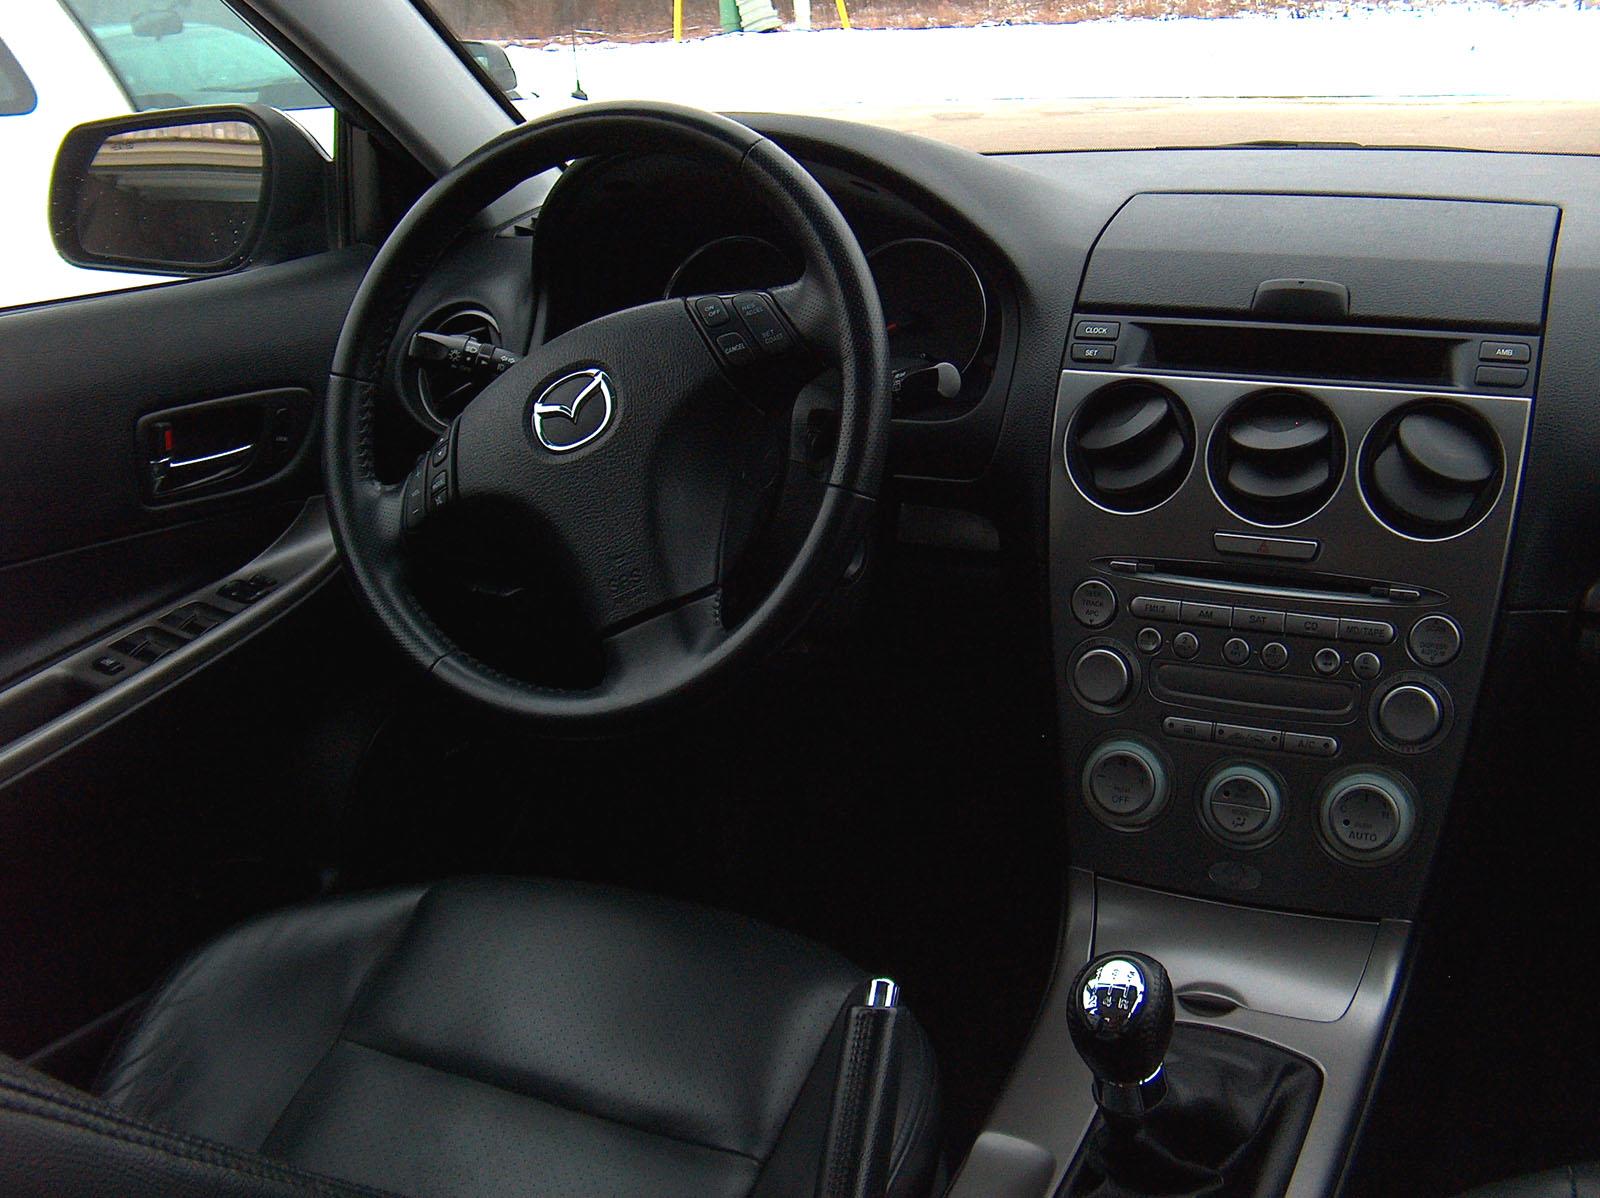 2005 Mazda Mazda6 Interior Pictures Cargurus